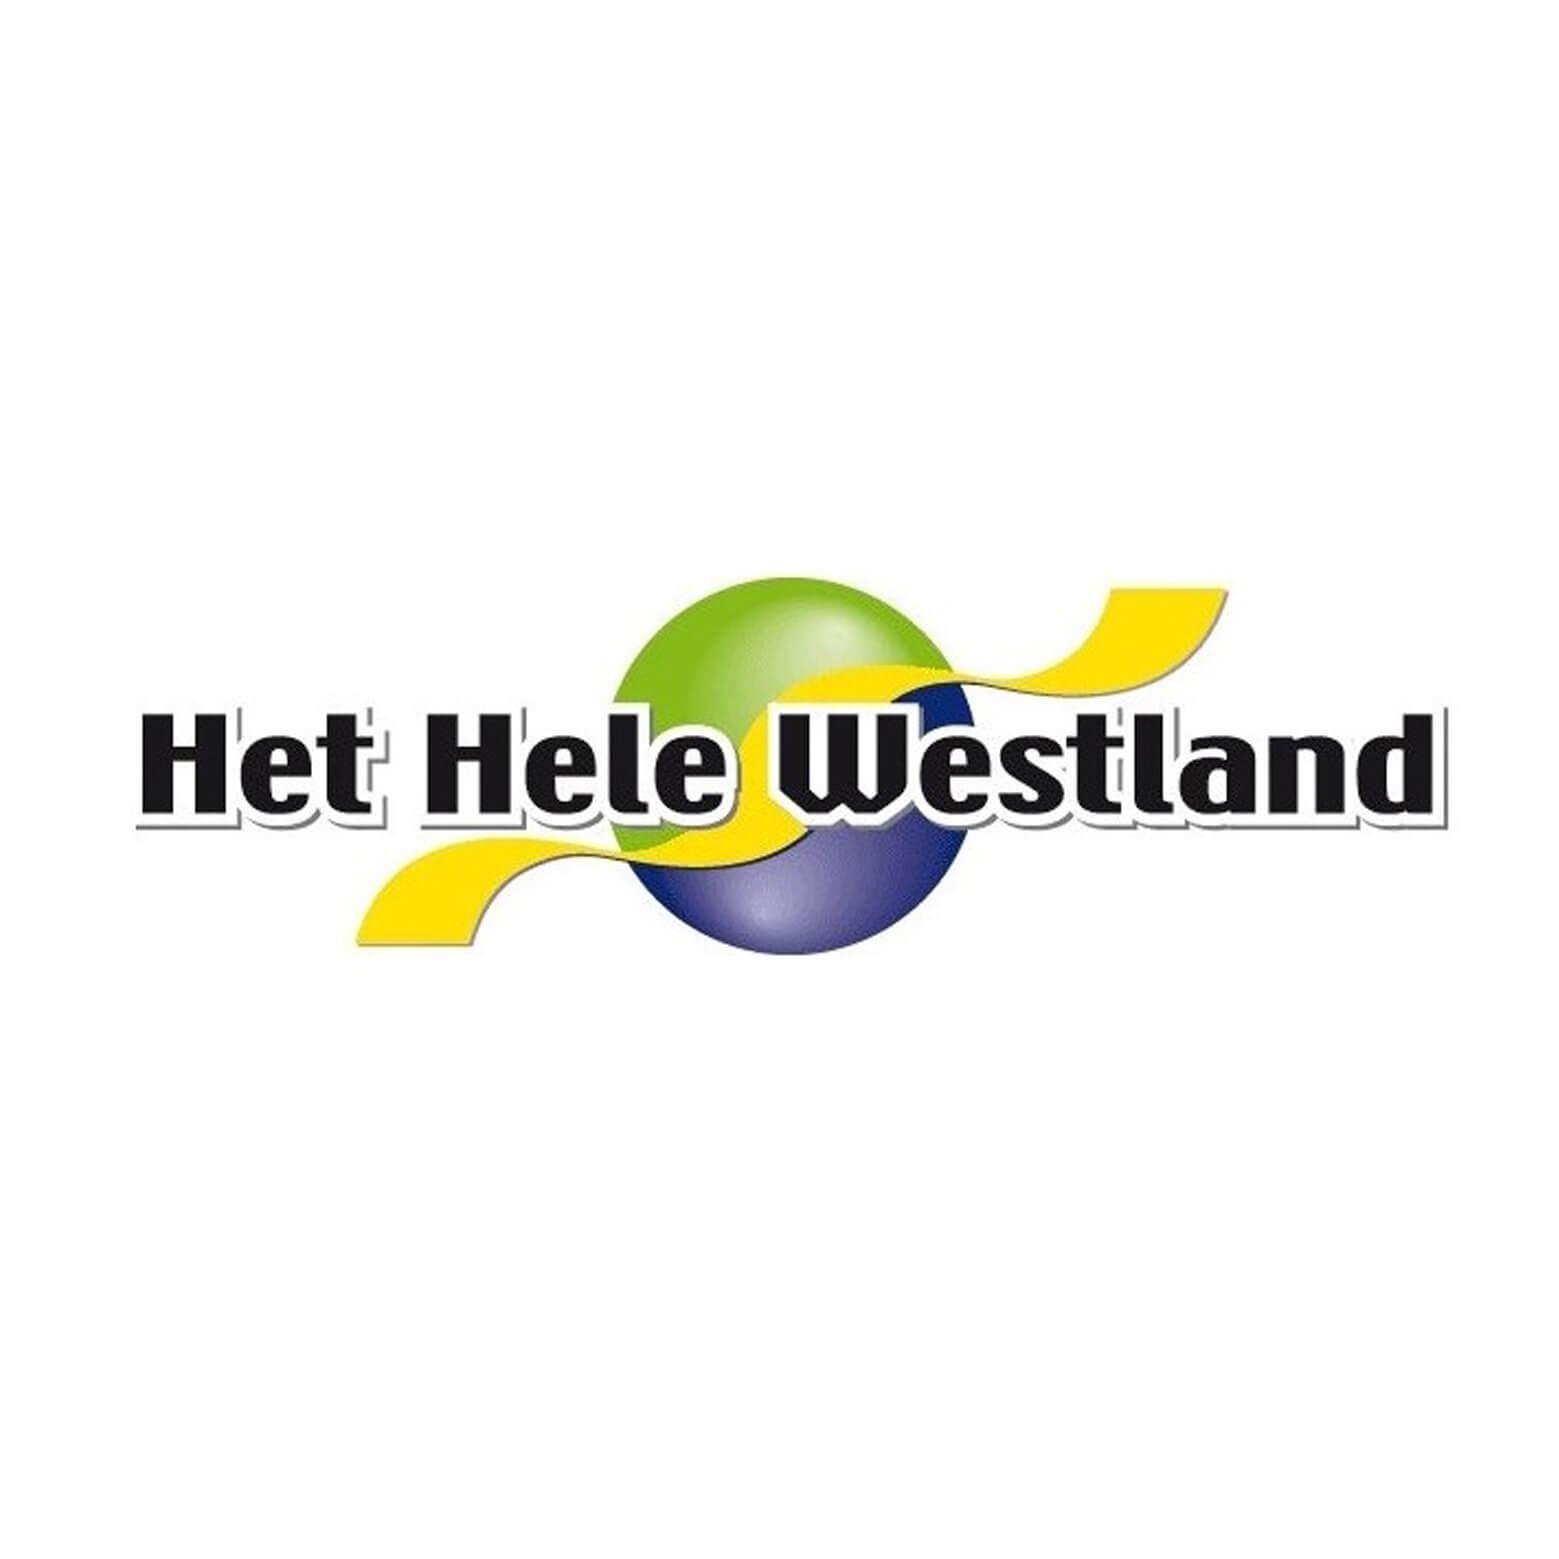 Tweede Woonbeurs Westland Succesvol Verlopen